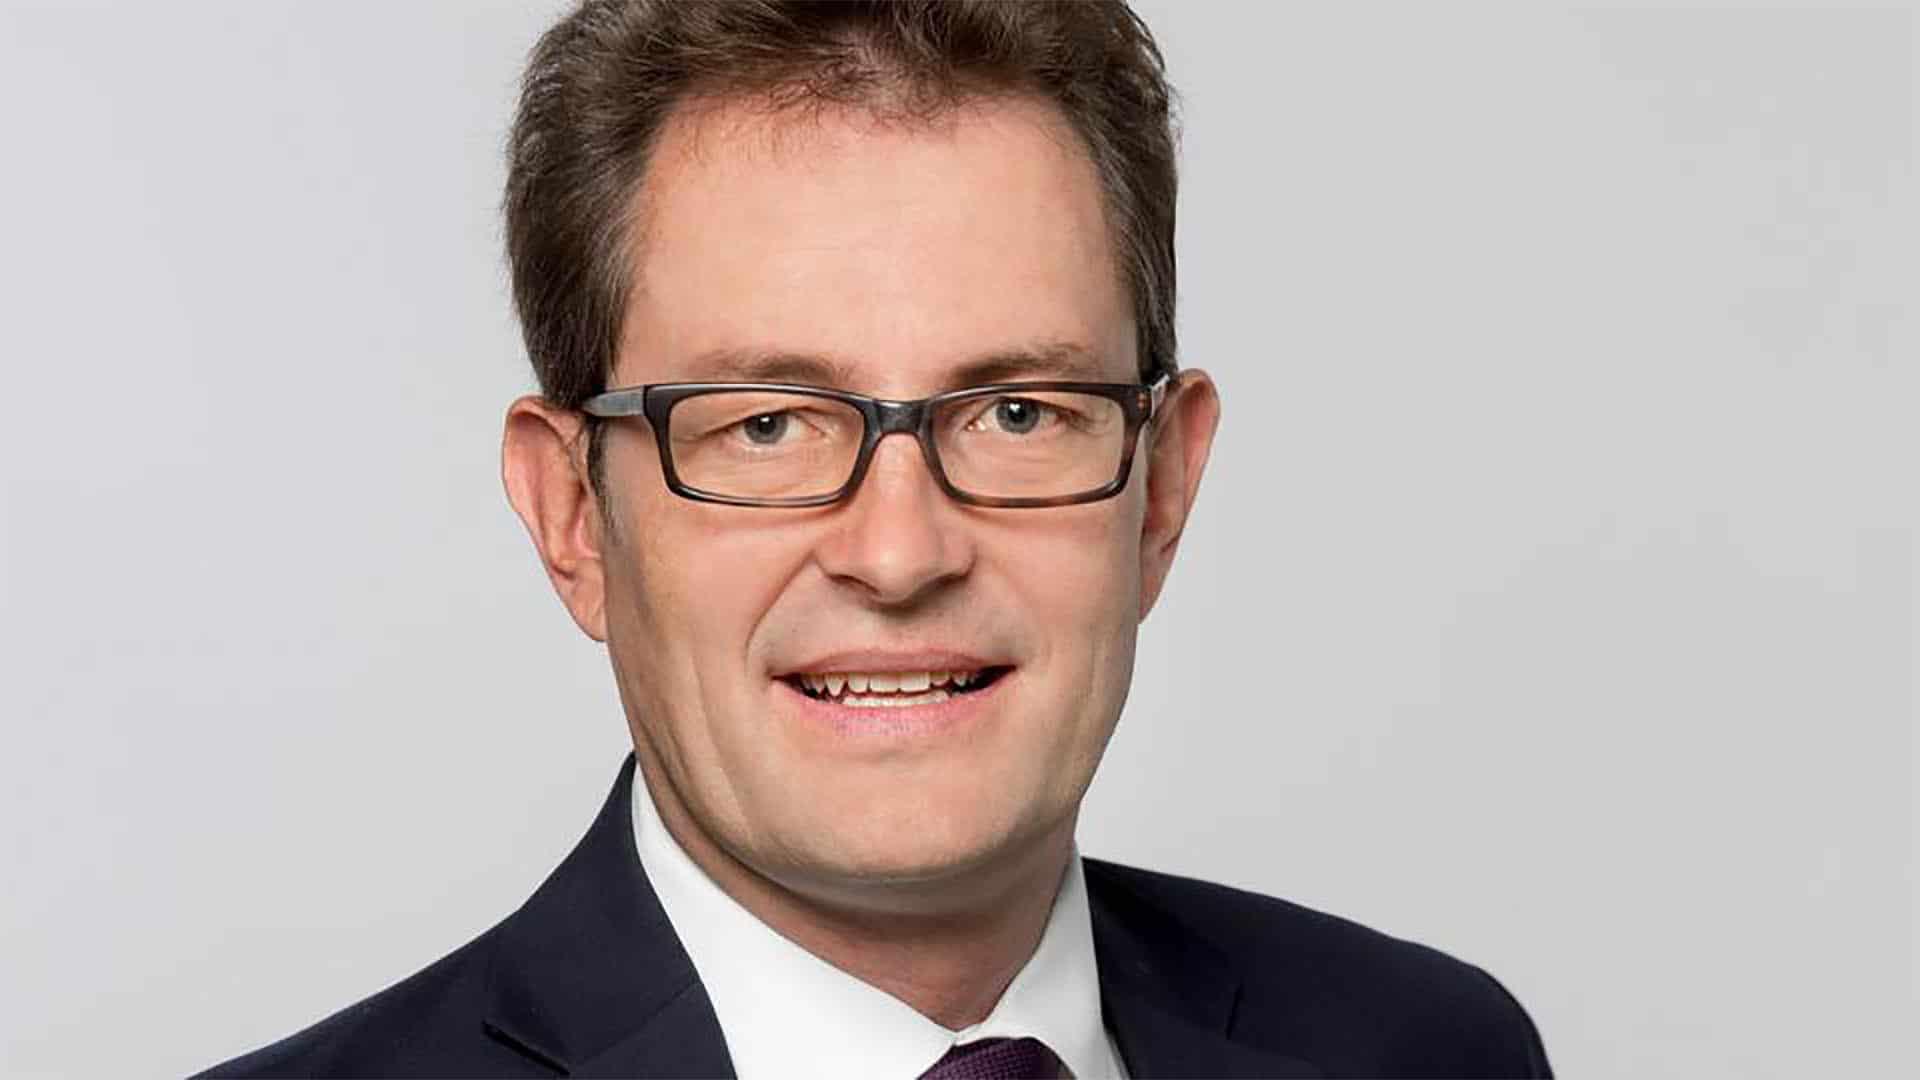 Christoph Lütge ist Professor für Wirtschaftsethik und Leiter des Instituts für Ethik in der KI an der Technischen Universität München (TUM)